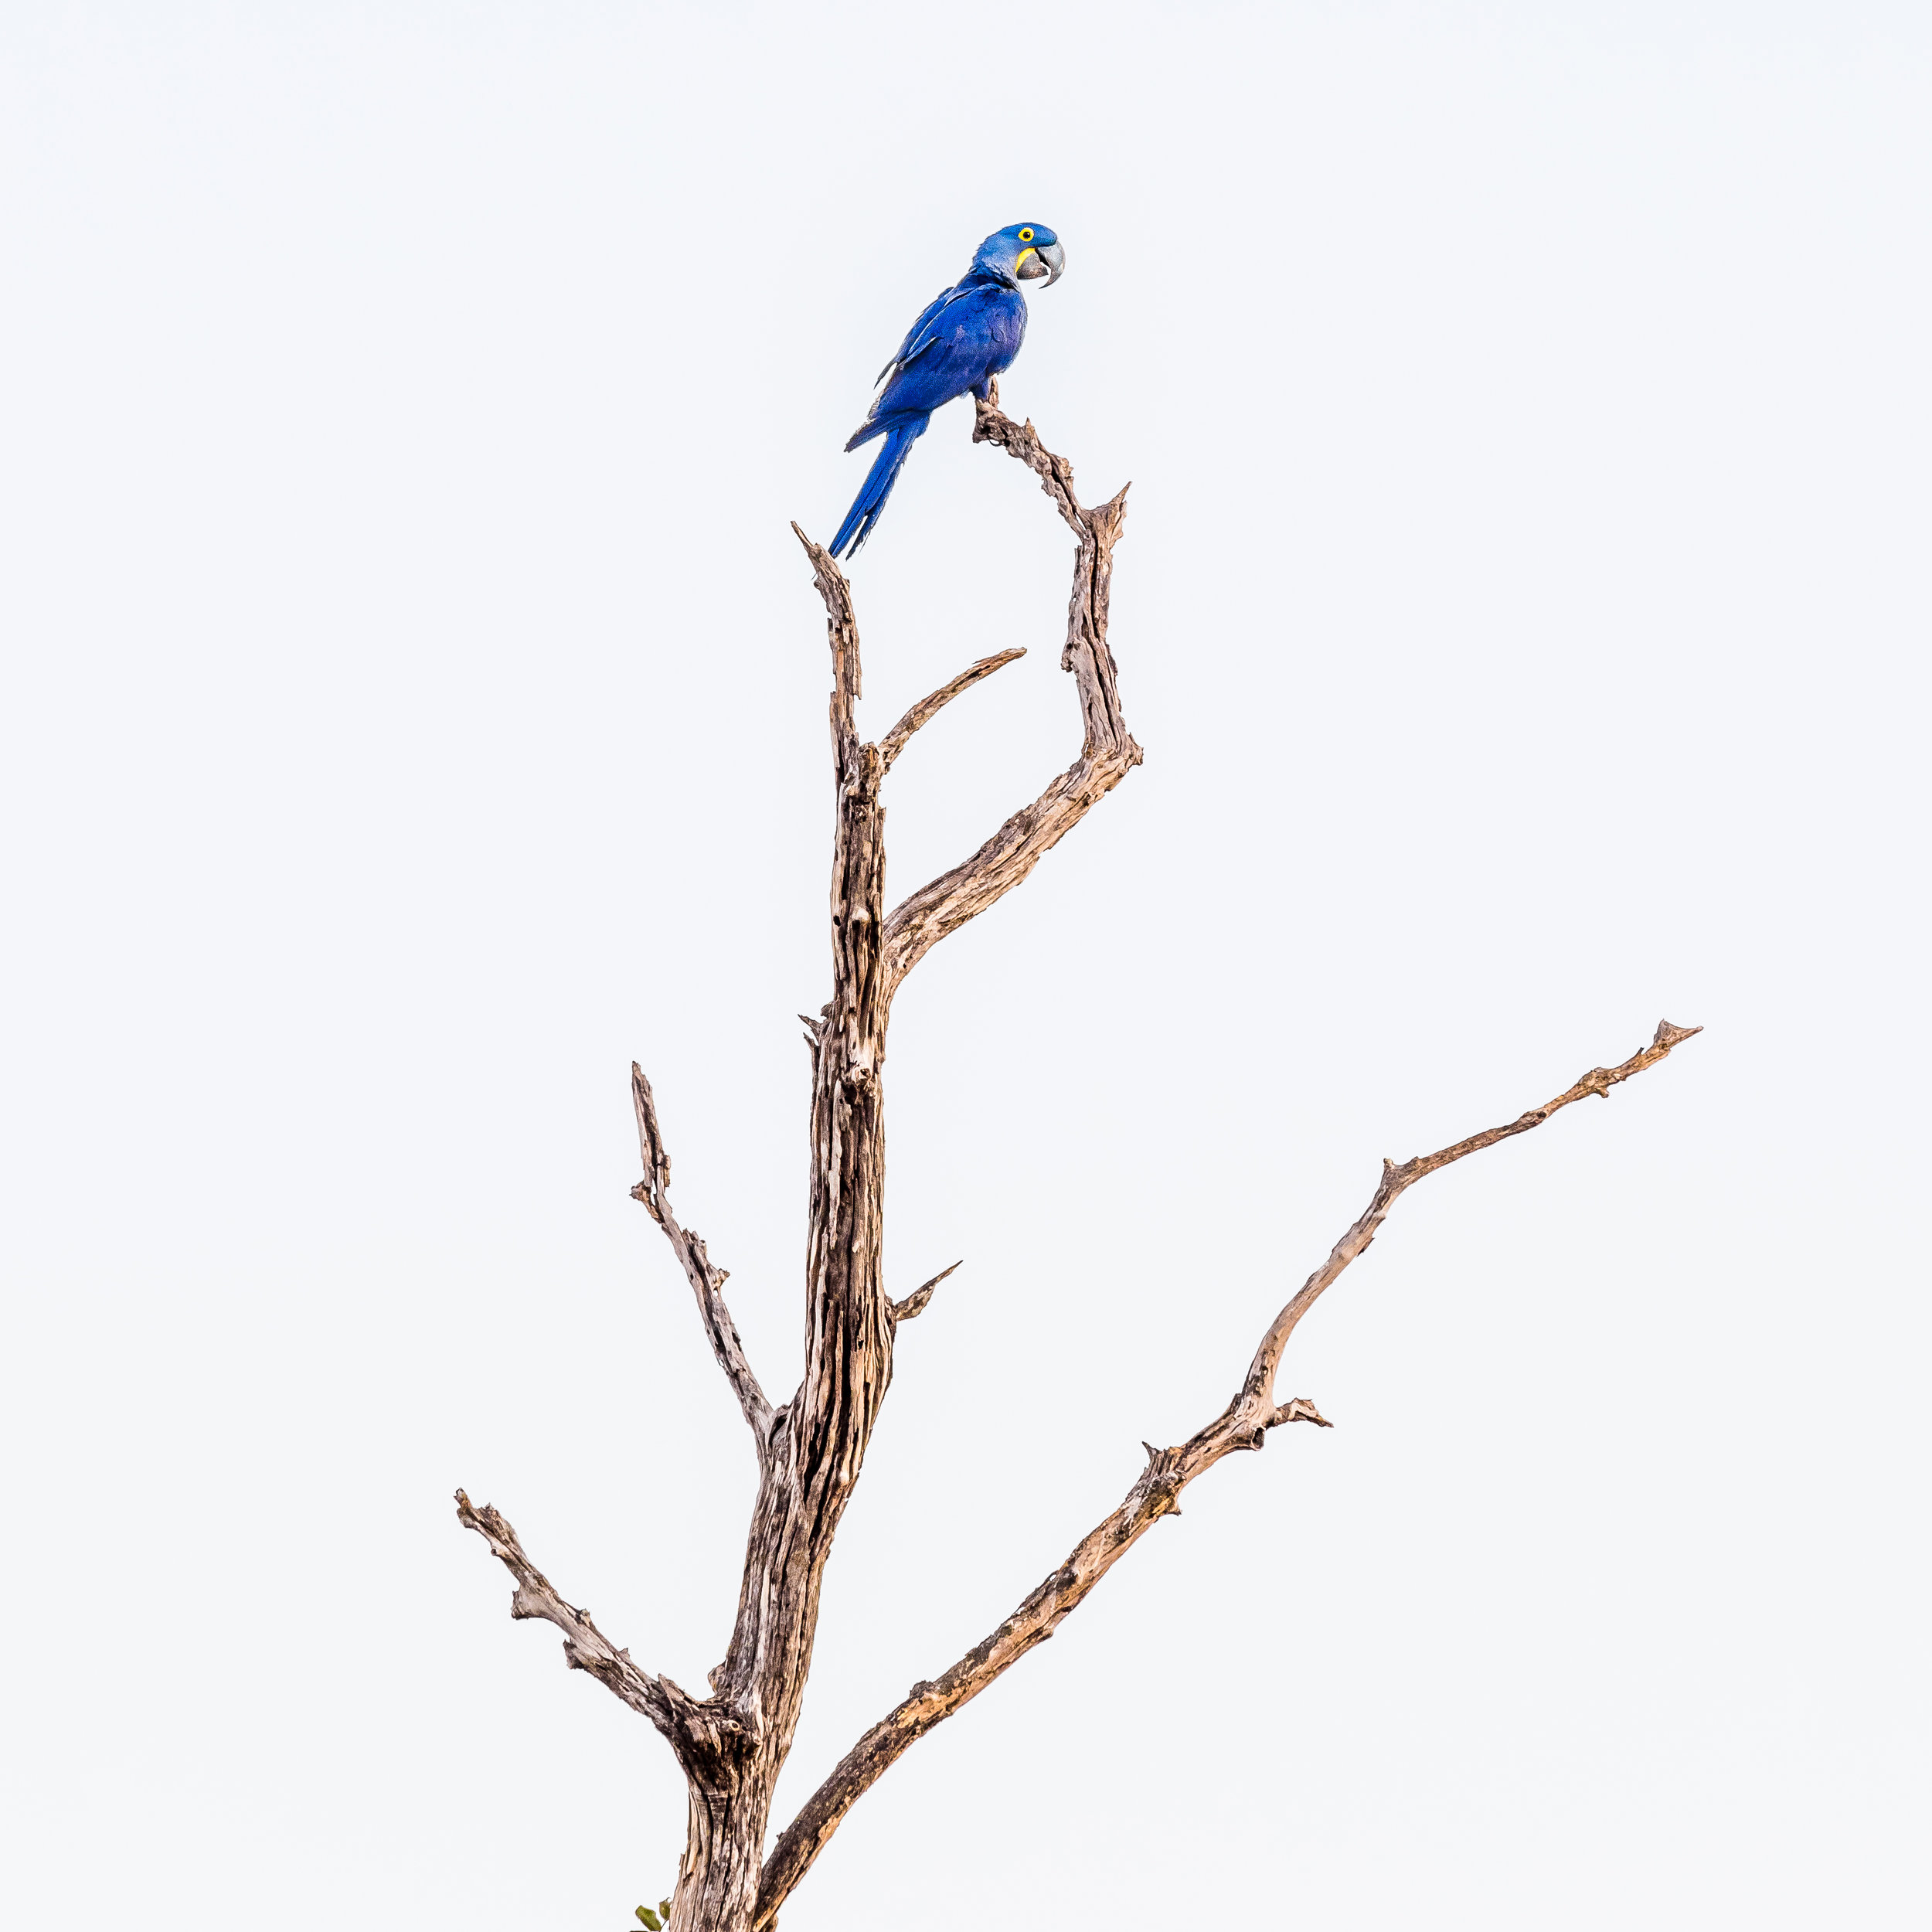 MK macaw 7010674 square.jpg